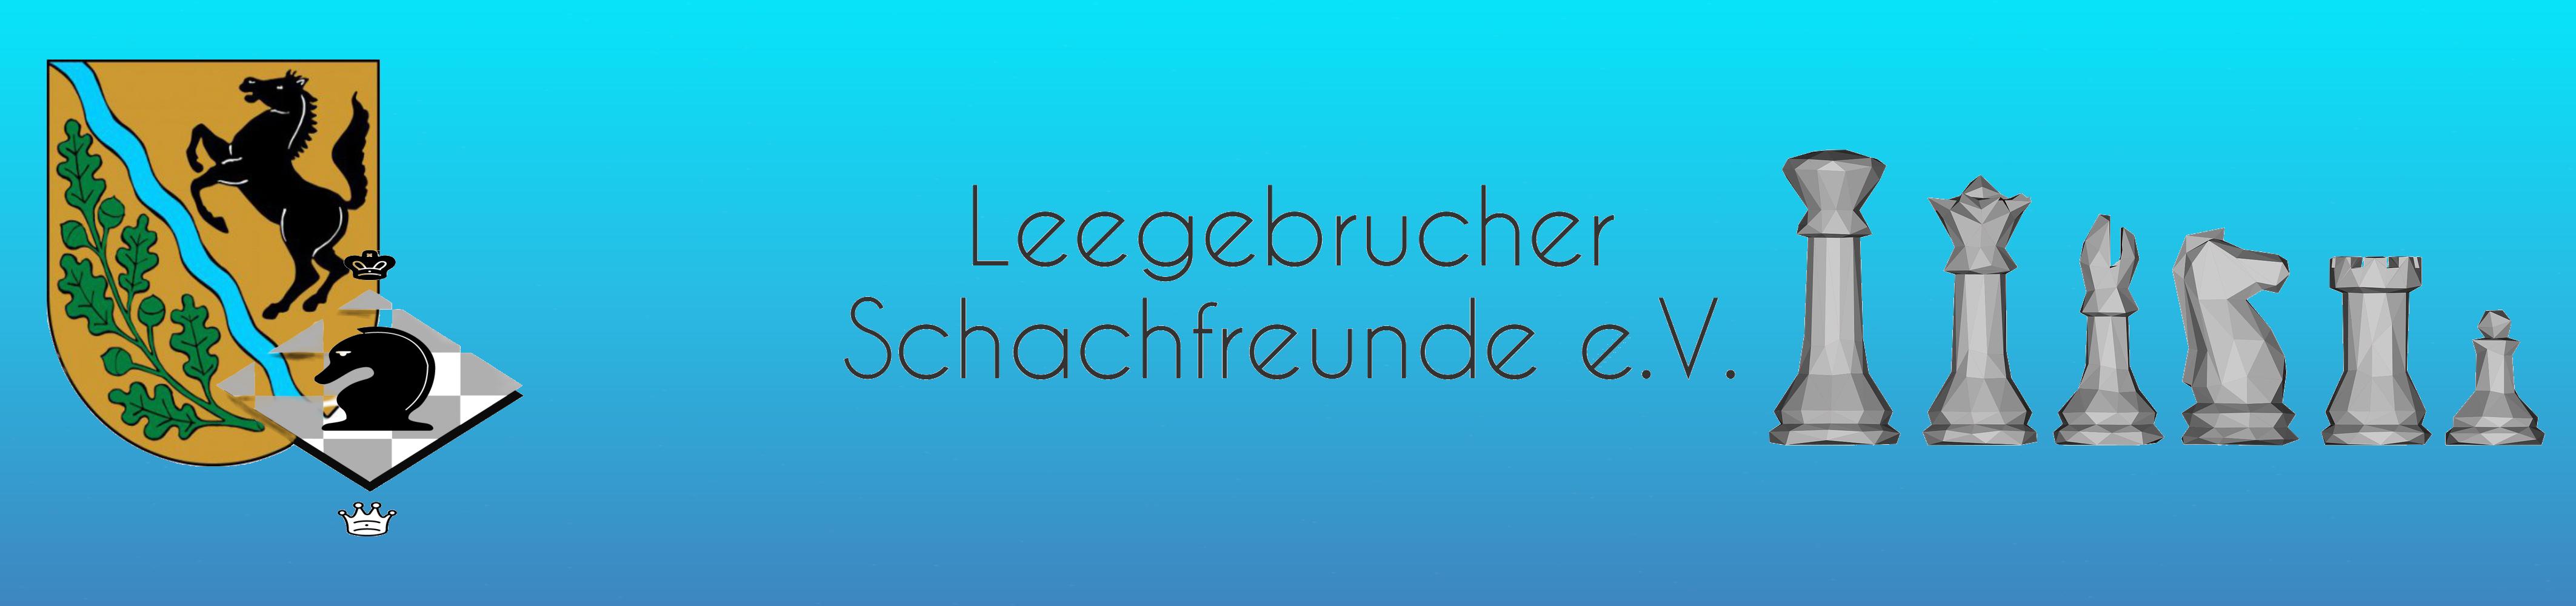 Leegebrucher Schachfreunde e. V.